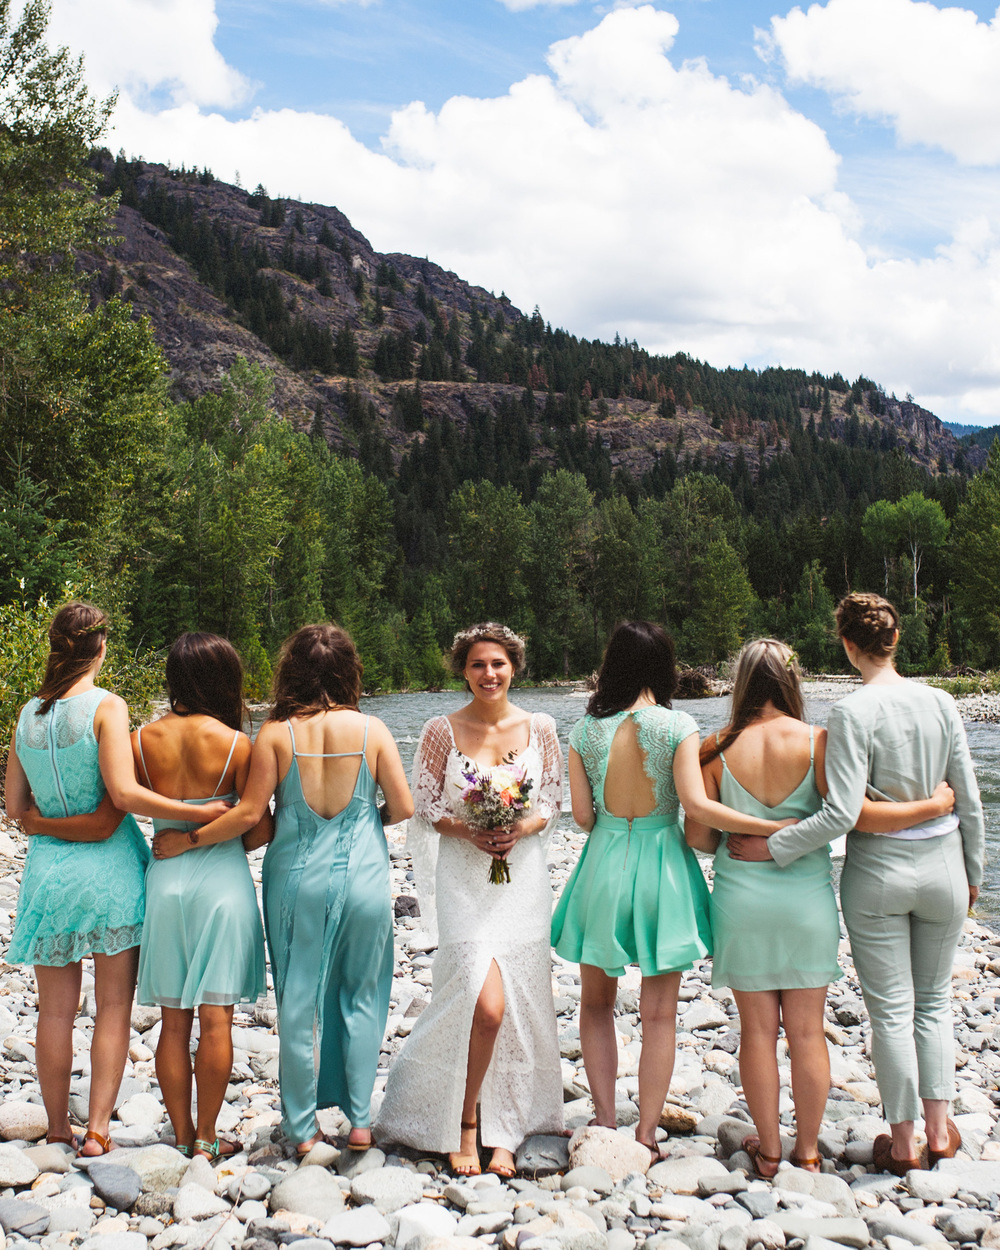 BRIDAL PARTY PHOTOS | MOUNTAIN WEDDING